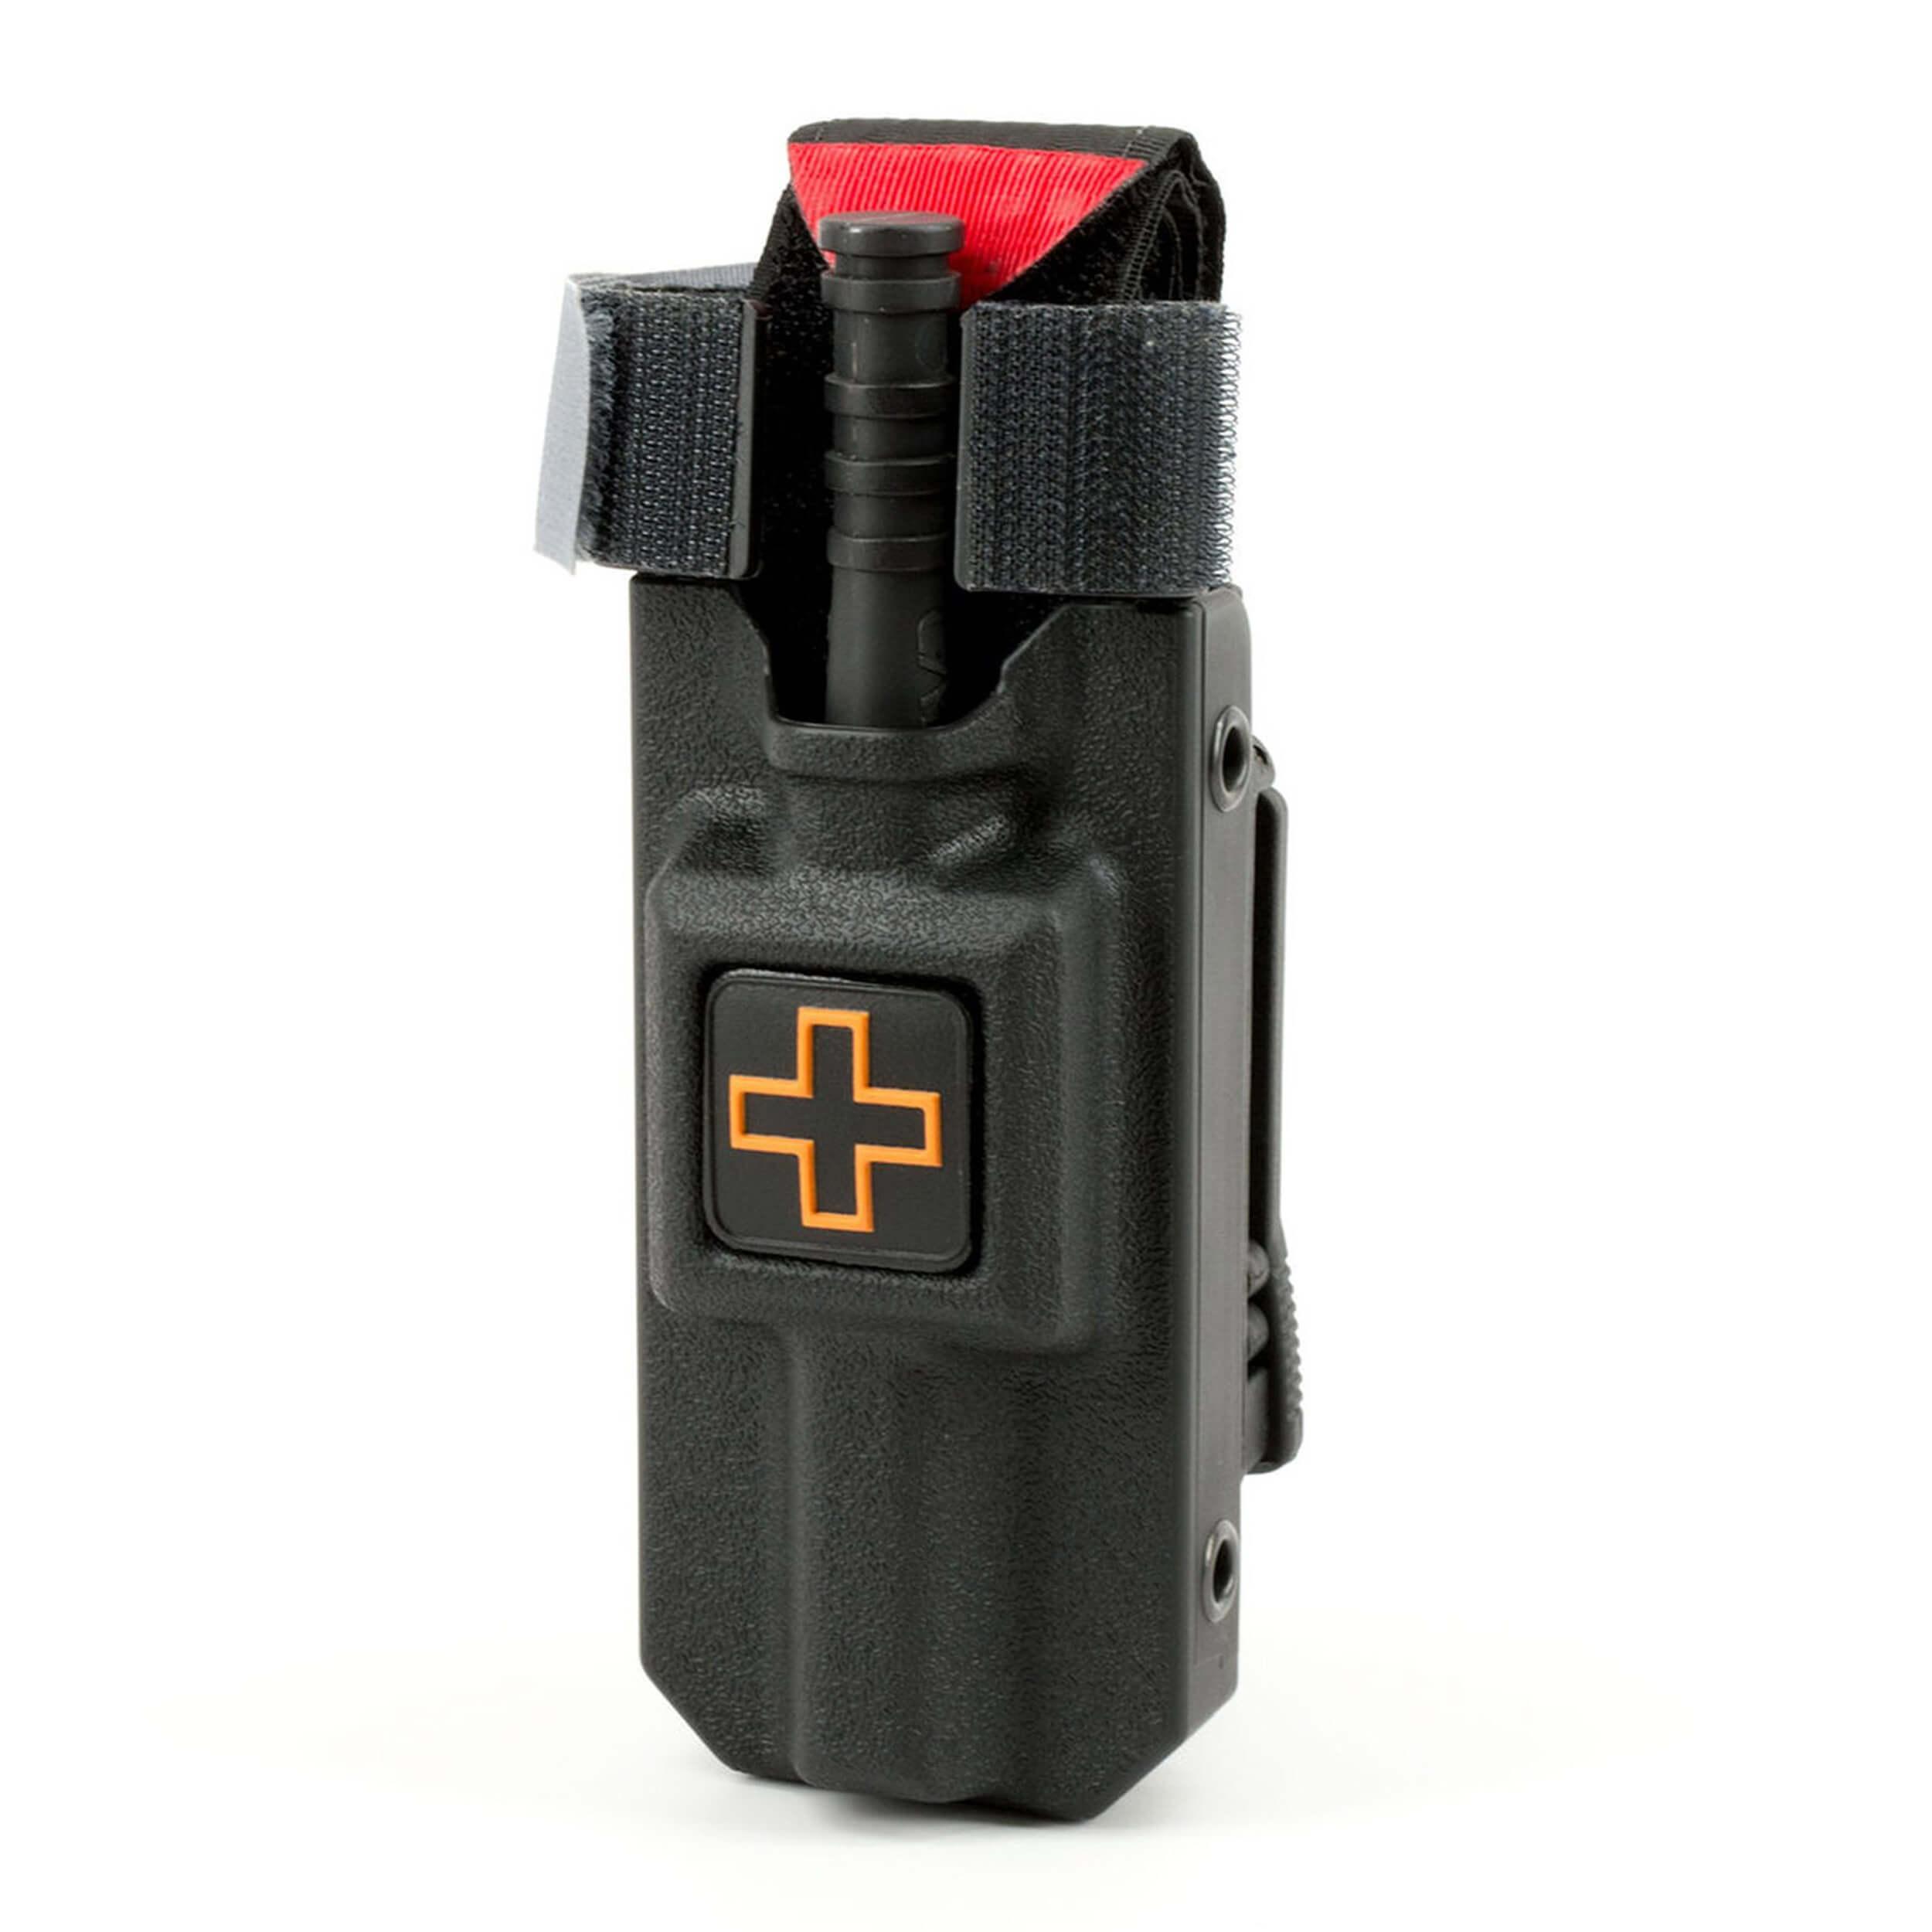 Eleven 10 Rigid TQ Case G7 CROSS Molle